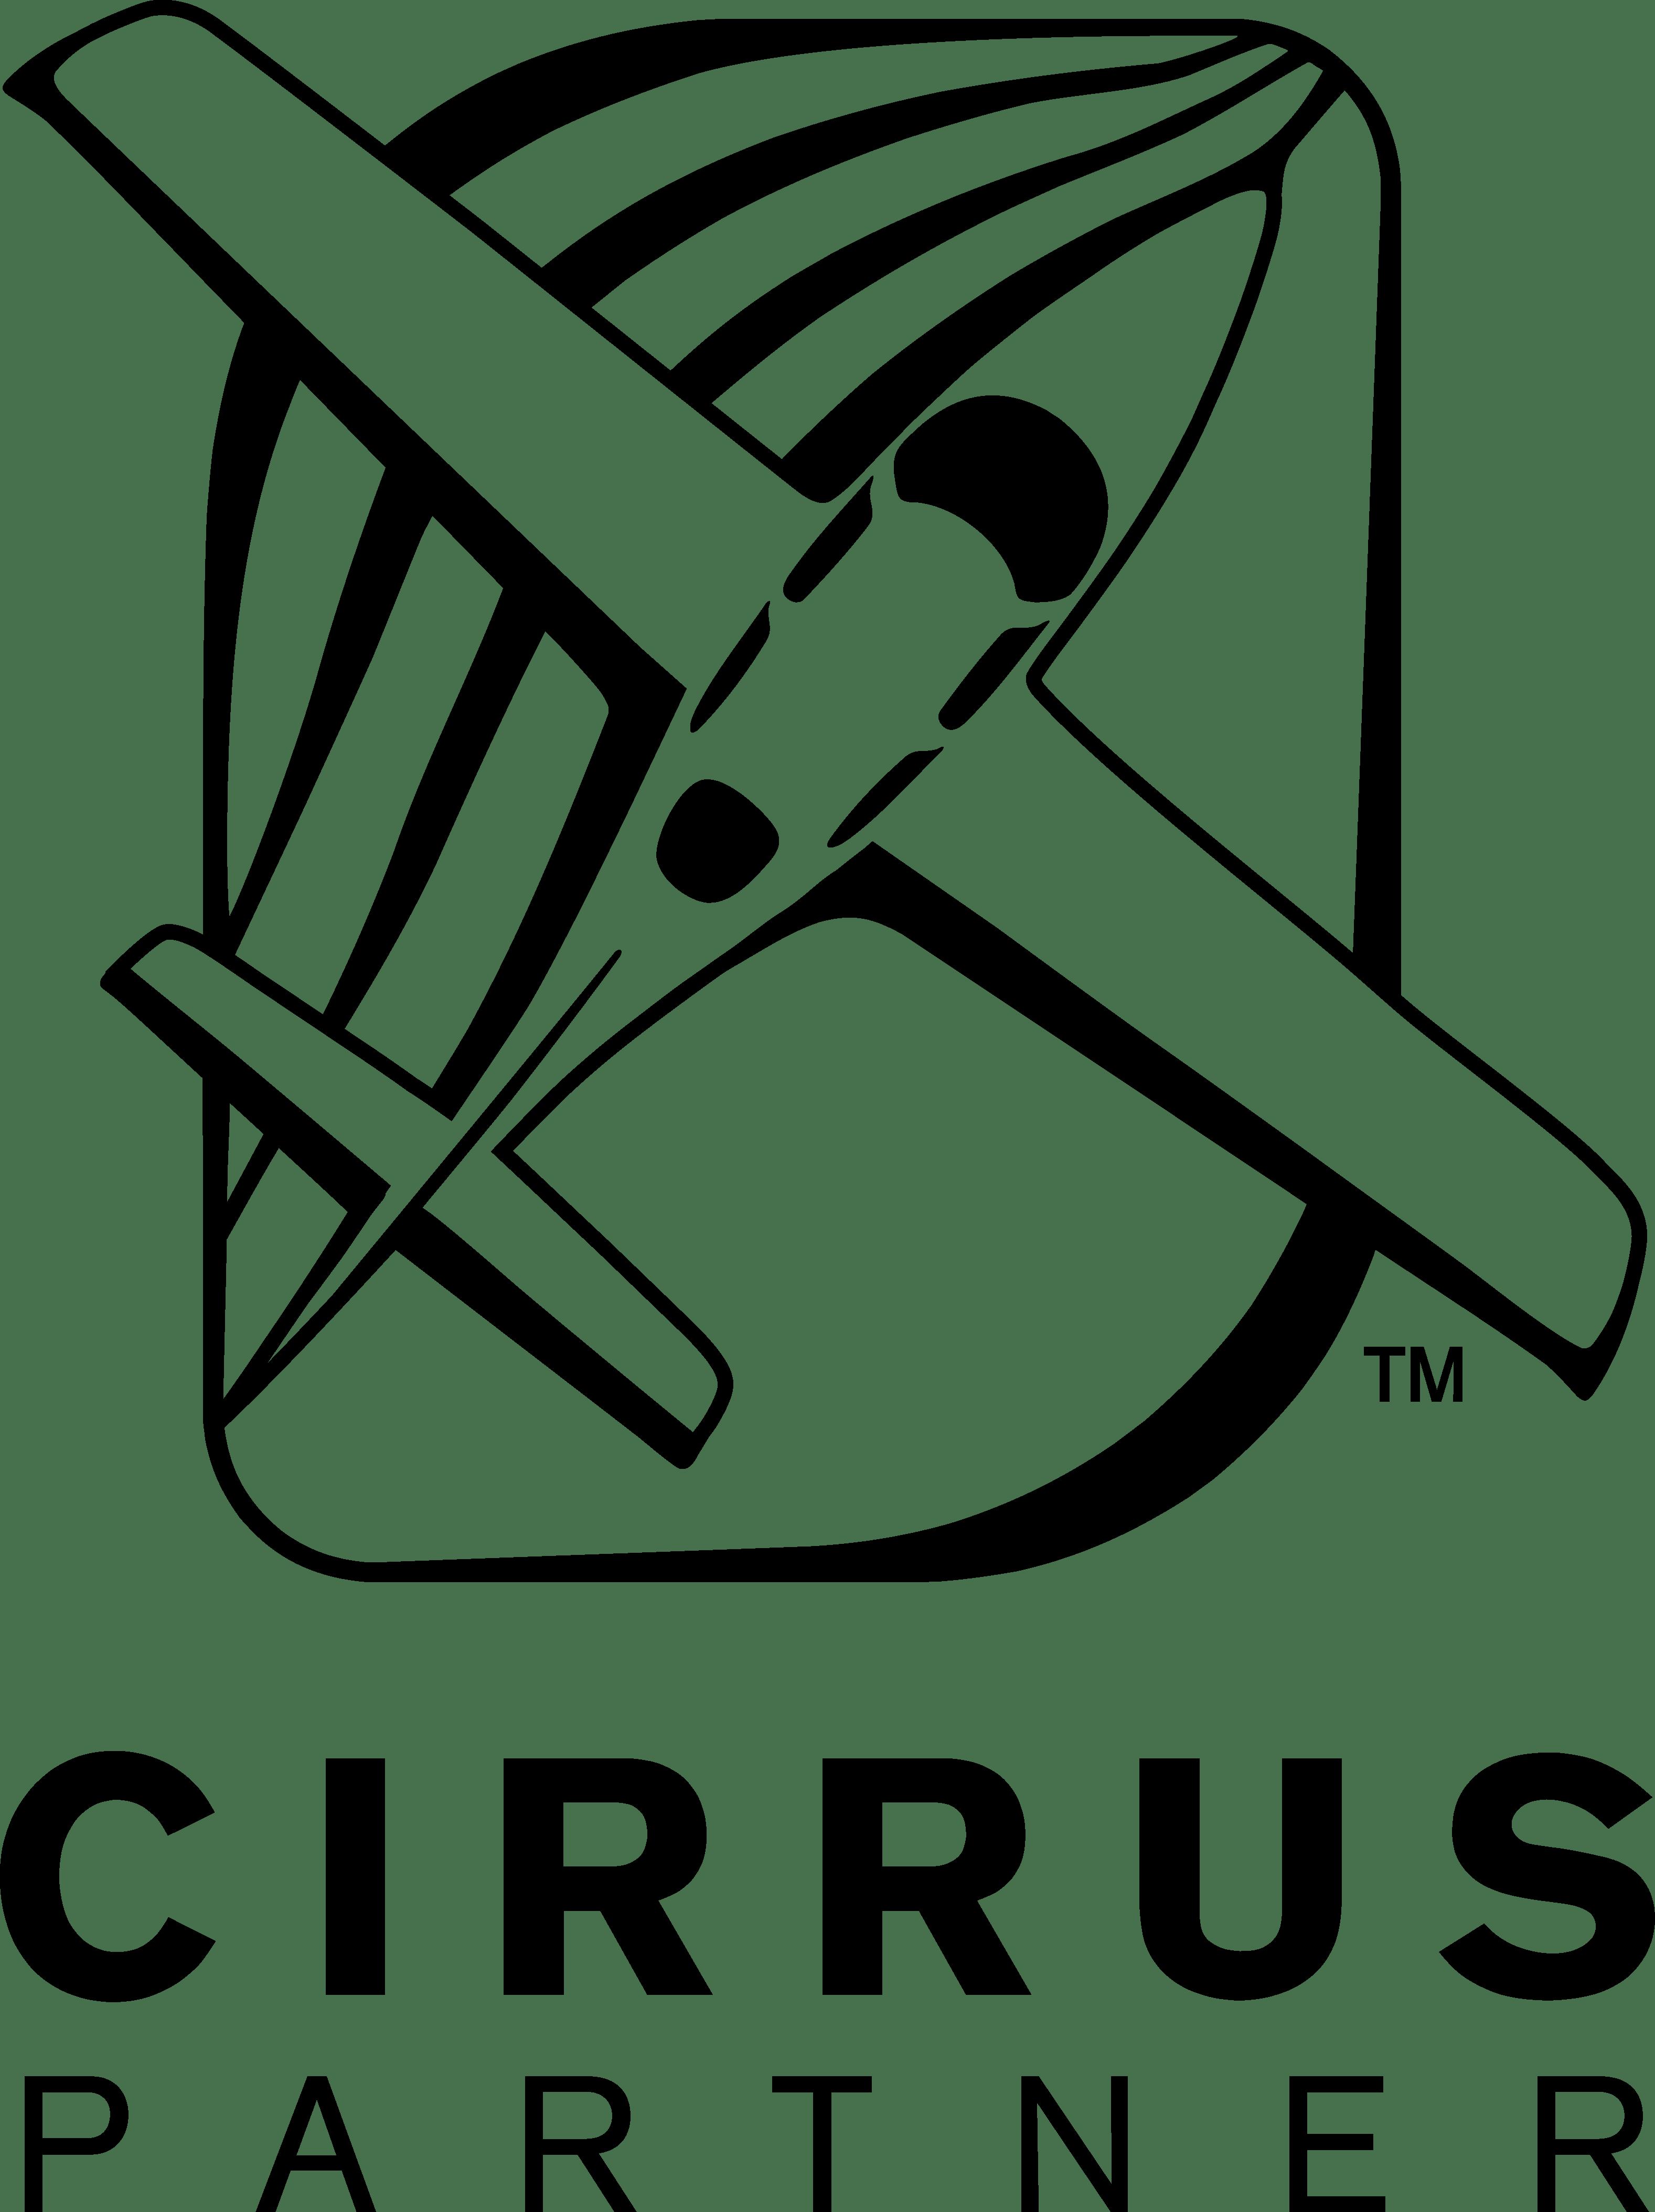 Bei uns chartern Sie nicht nur das passende Flugzeug, wir sind auch offizielles Cirrus Trainings Center.